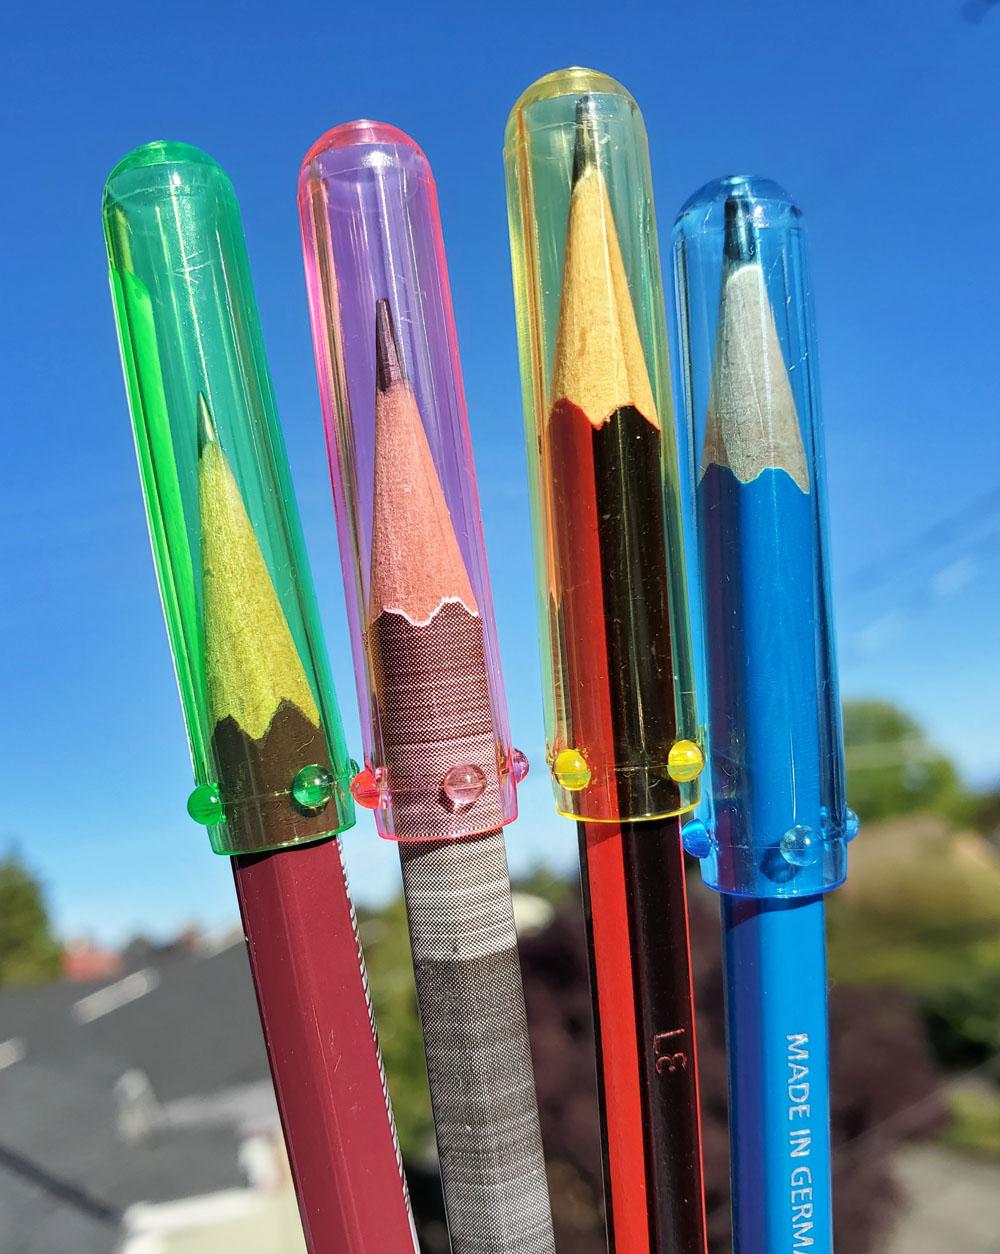 triangular caps on pencils